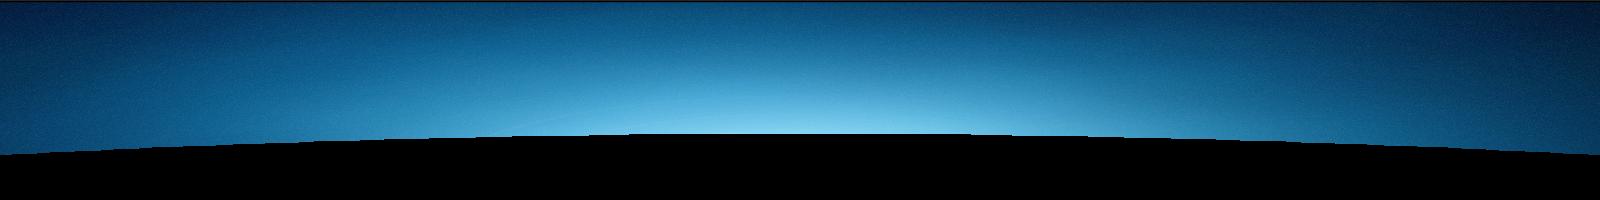 A dark blue header image